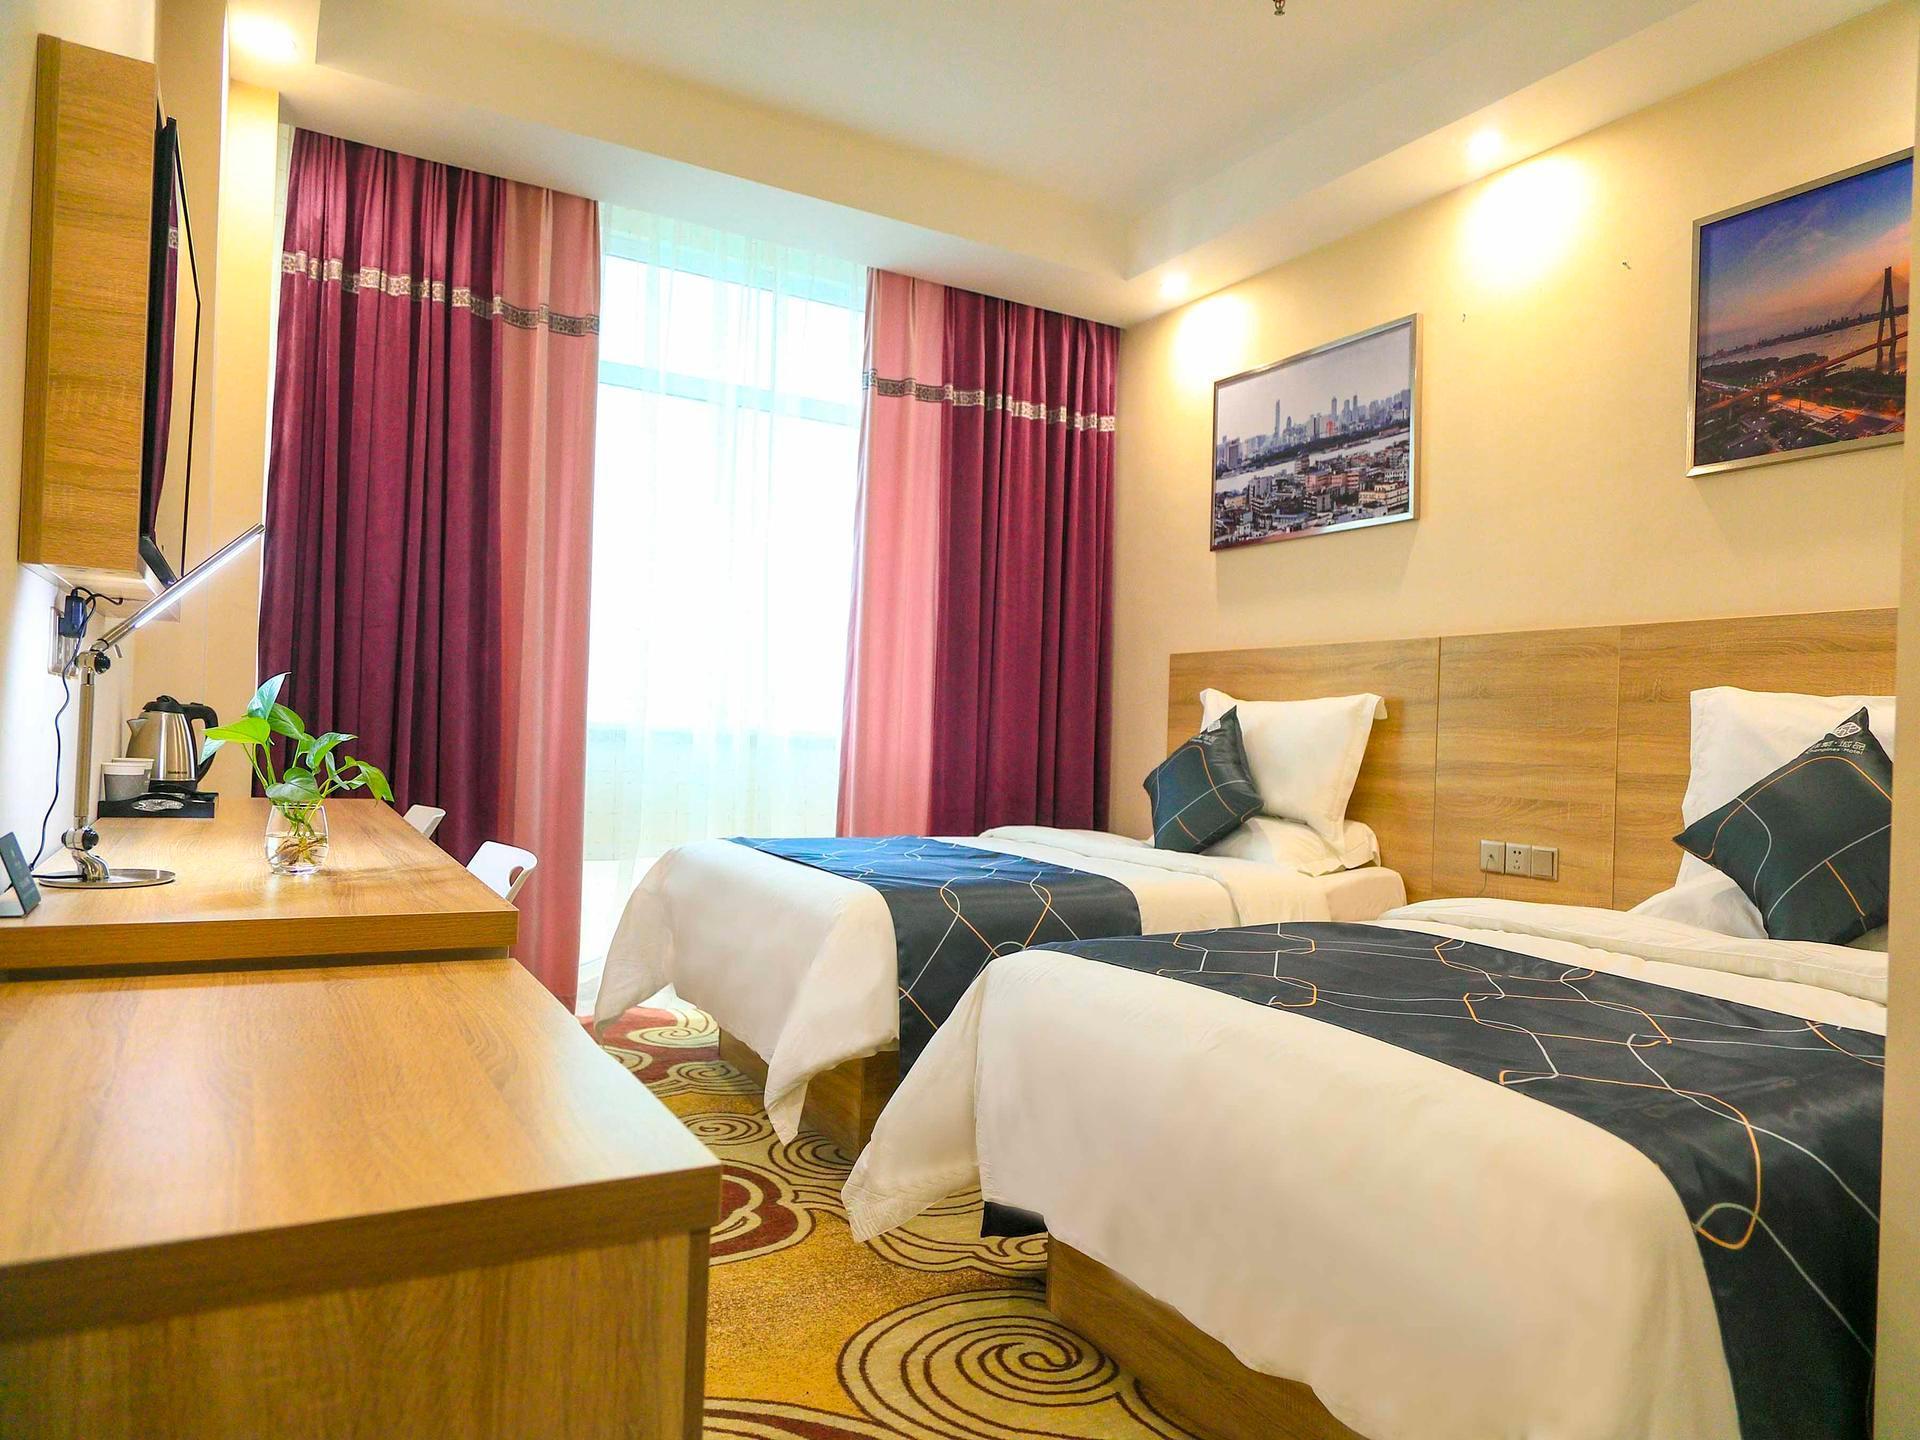 Chonpines Hotels·Xiaogan Xiangchang, Xiaogan